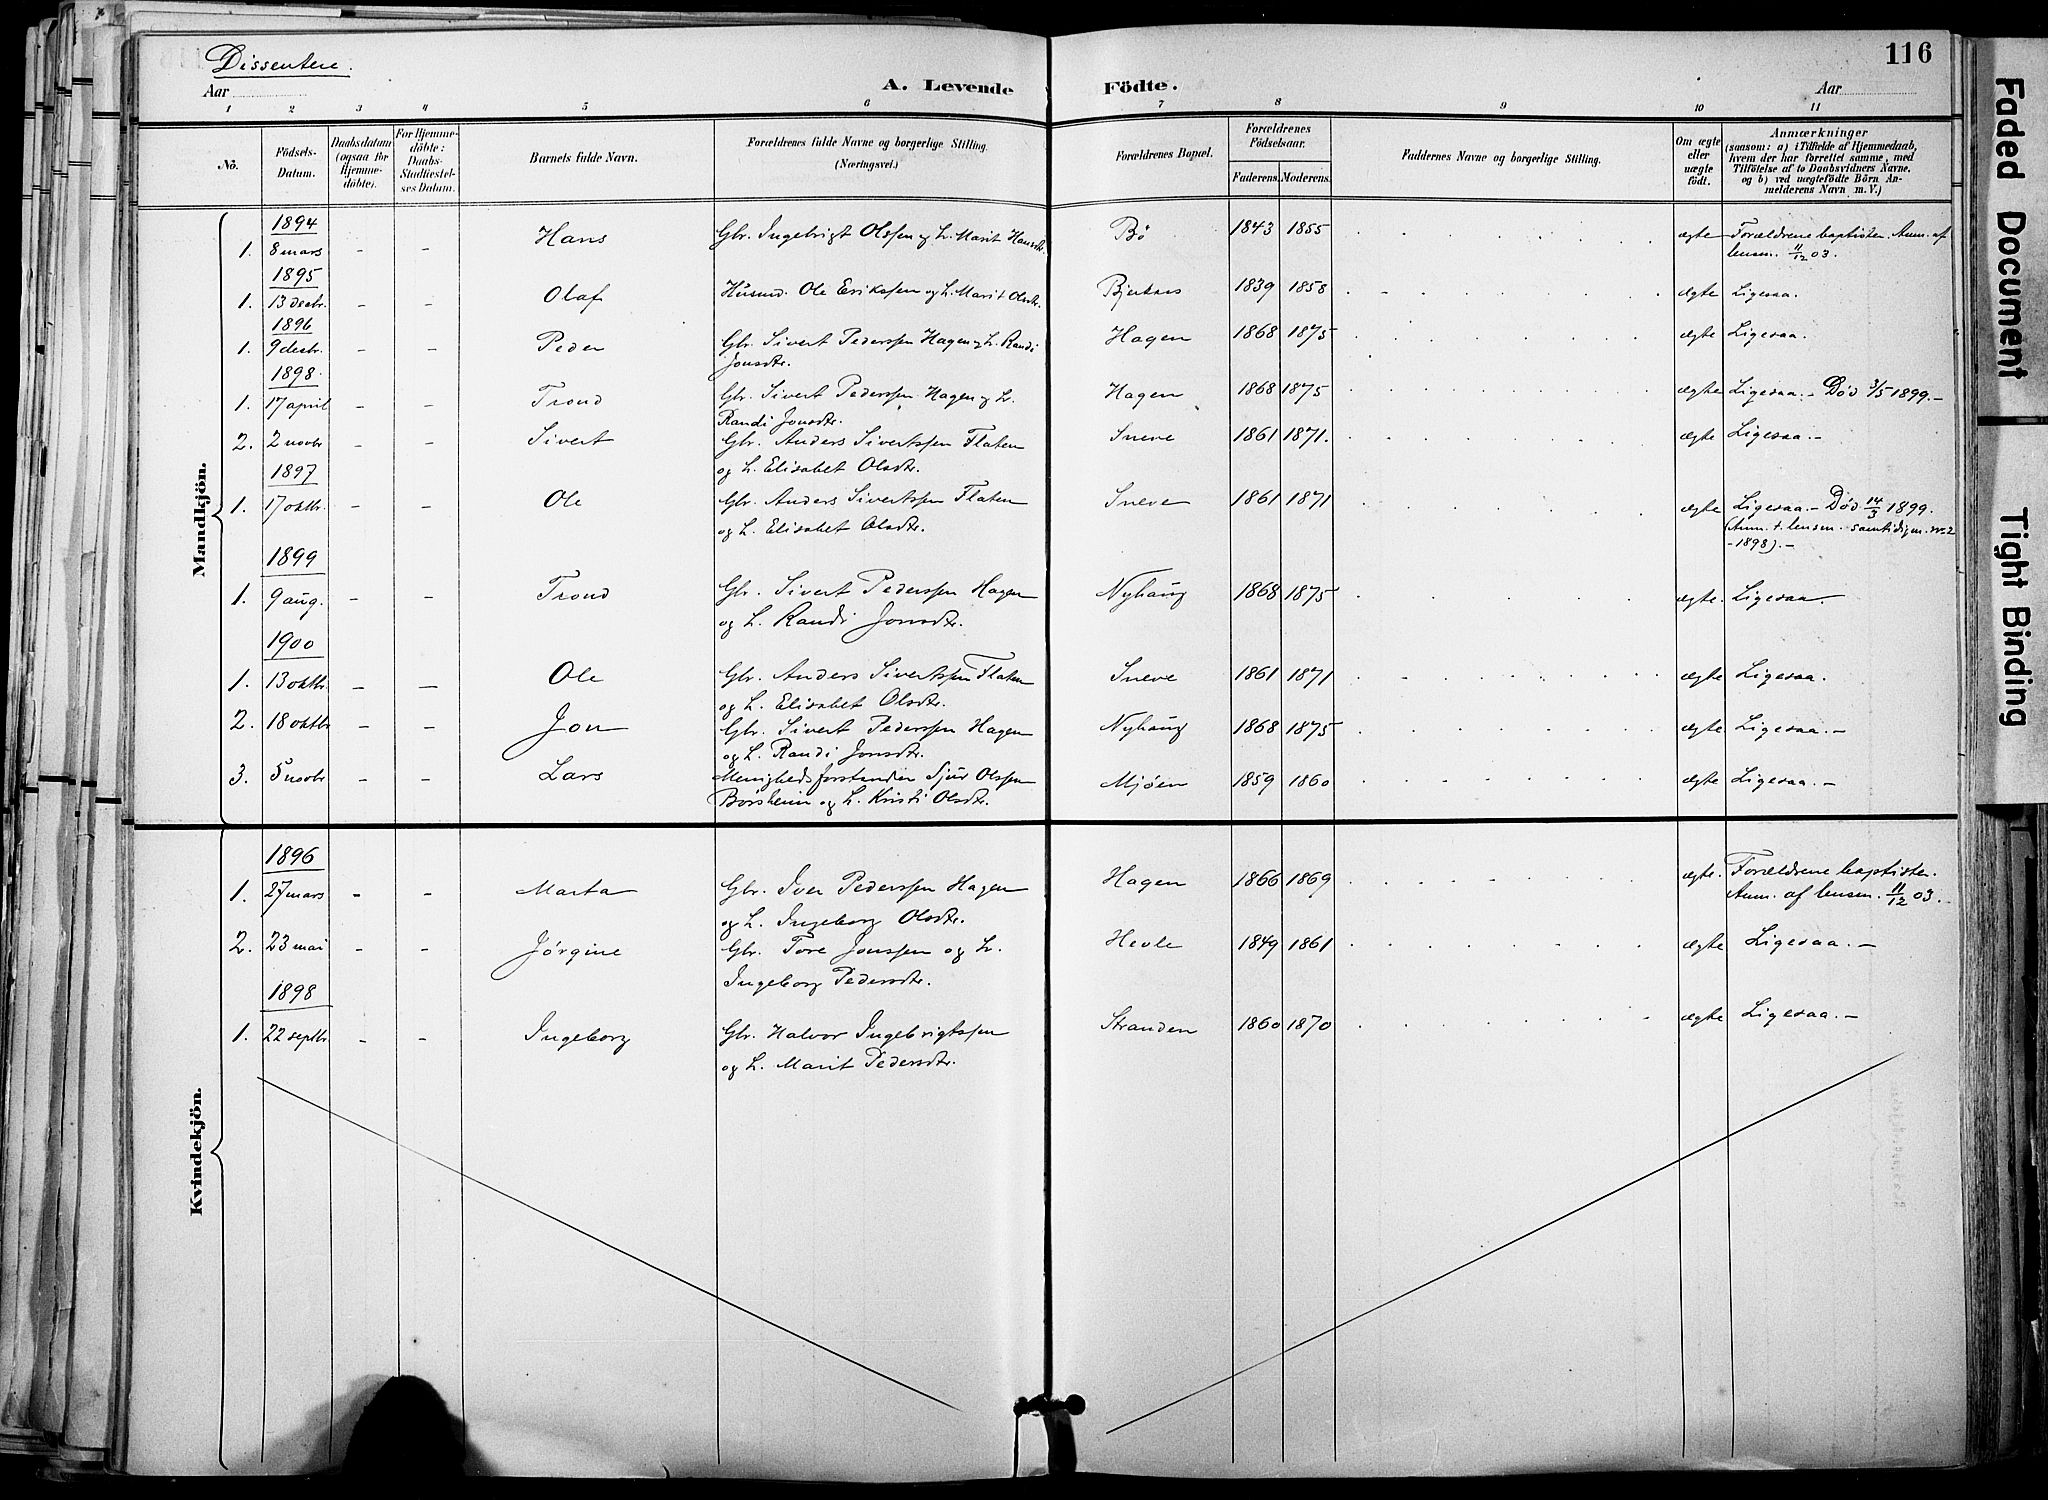 SAT, Ministerialprotokoller, klokkerbøker og fødselsregistre - Sør-Trøndelag, 678/L0902: Ministerialbok nr. 678A11, 1895-1911, s. 116